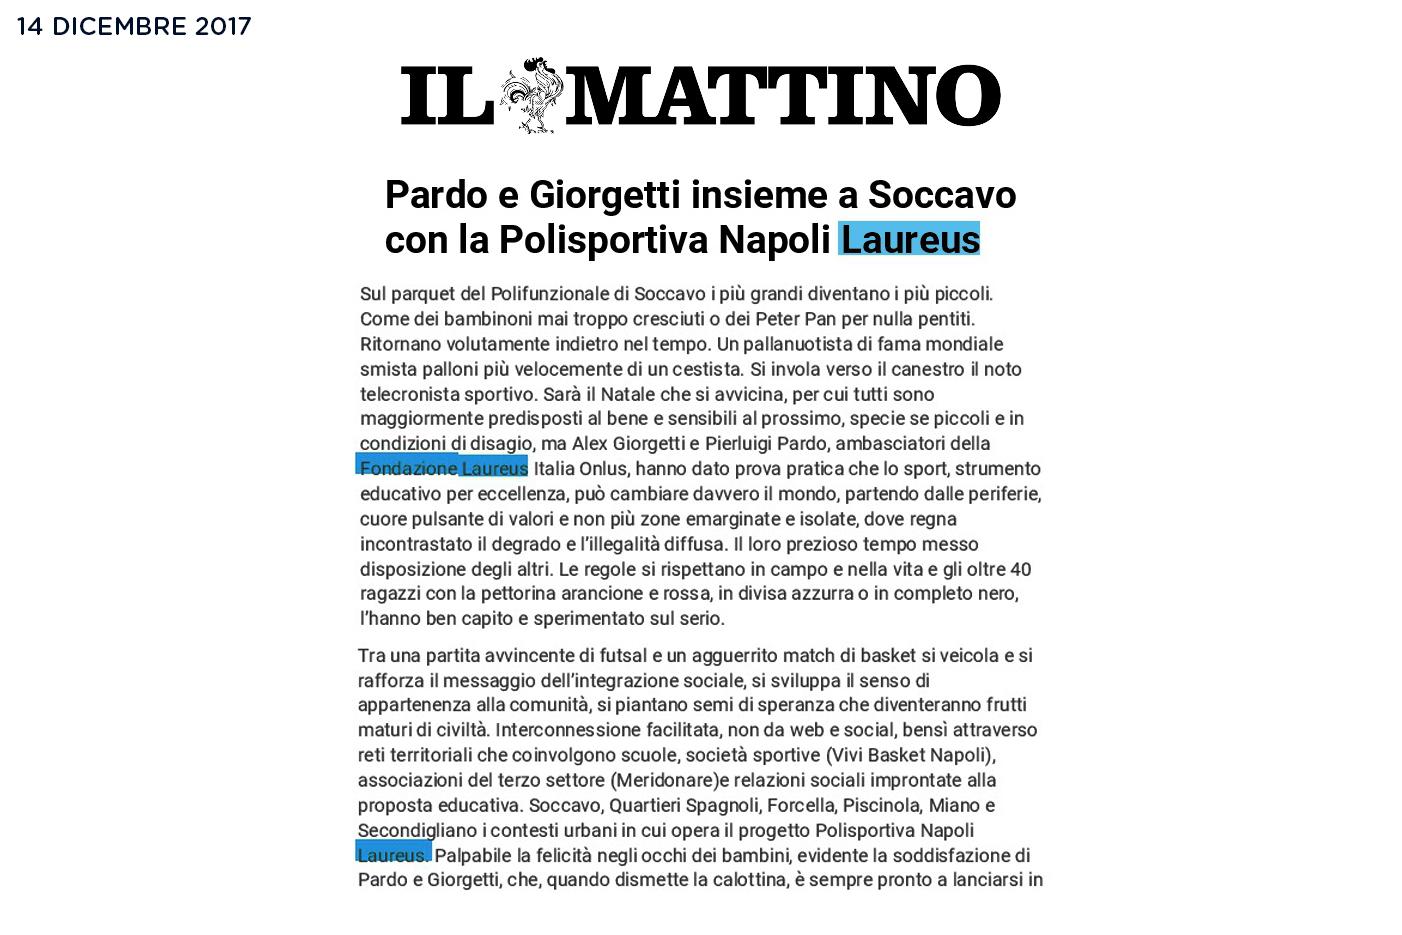 2017_12_14_IL-MATTINO